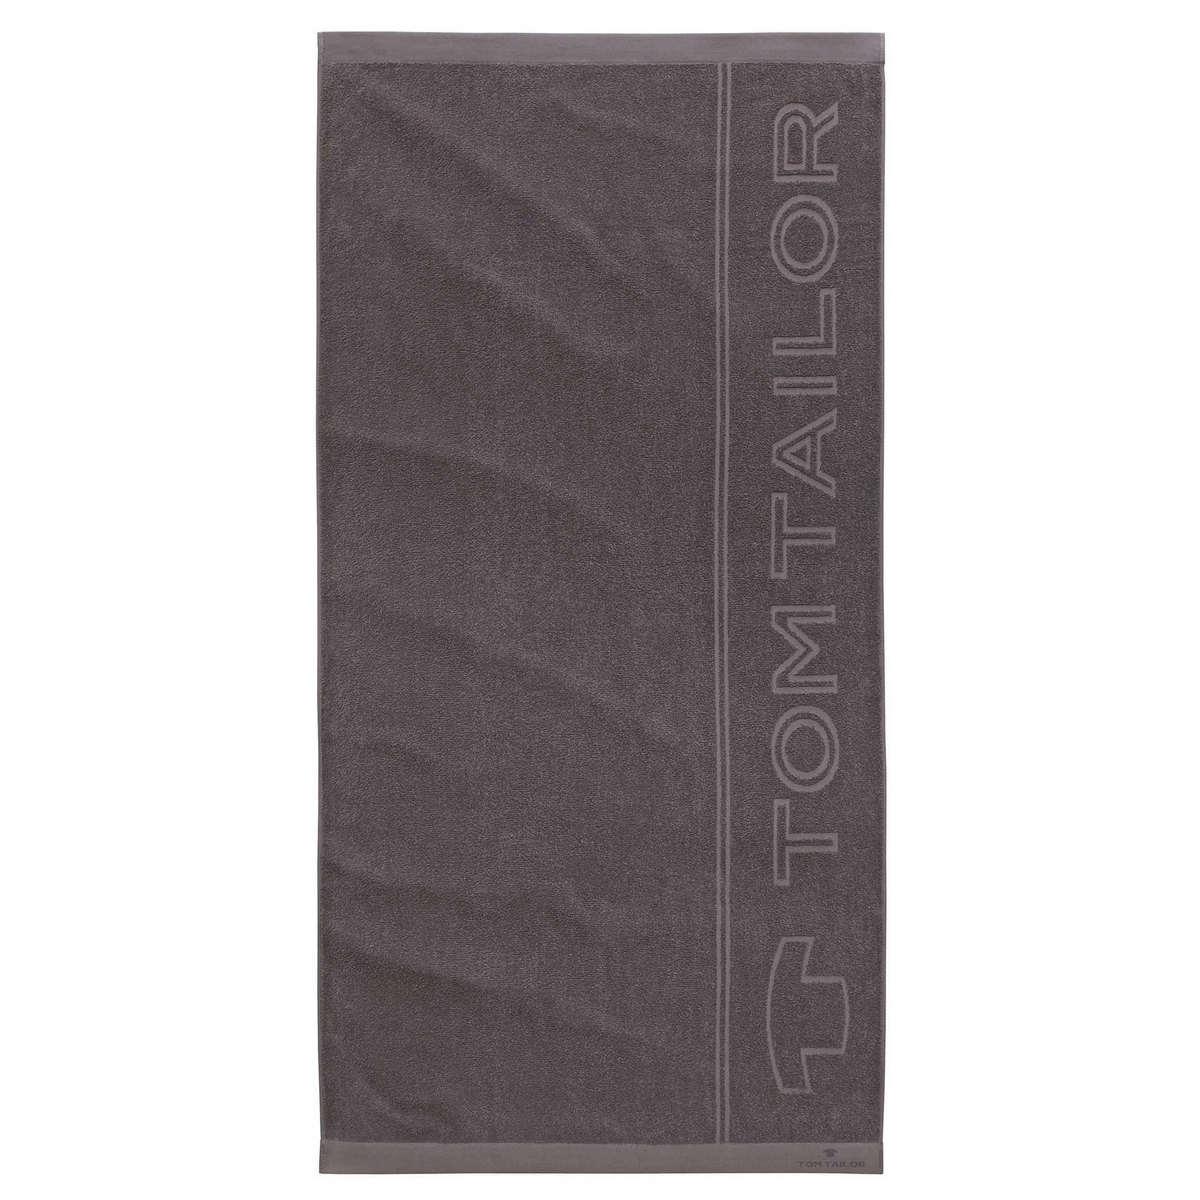 Πετσέτα Θαλάσσης 100 119 Multi-Functional 902 Dark Grey Tom Tailor Θαλάσσης 90x180cm